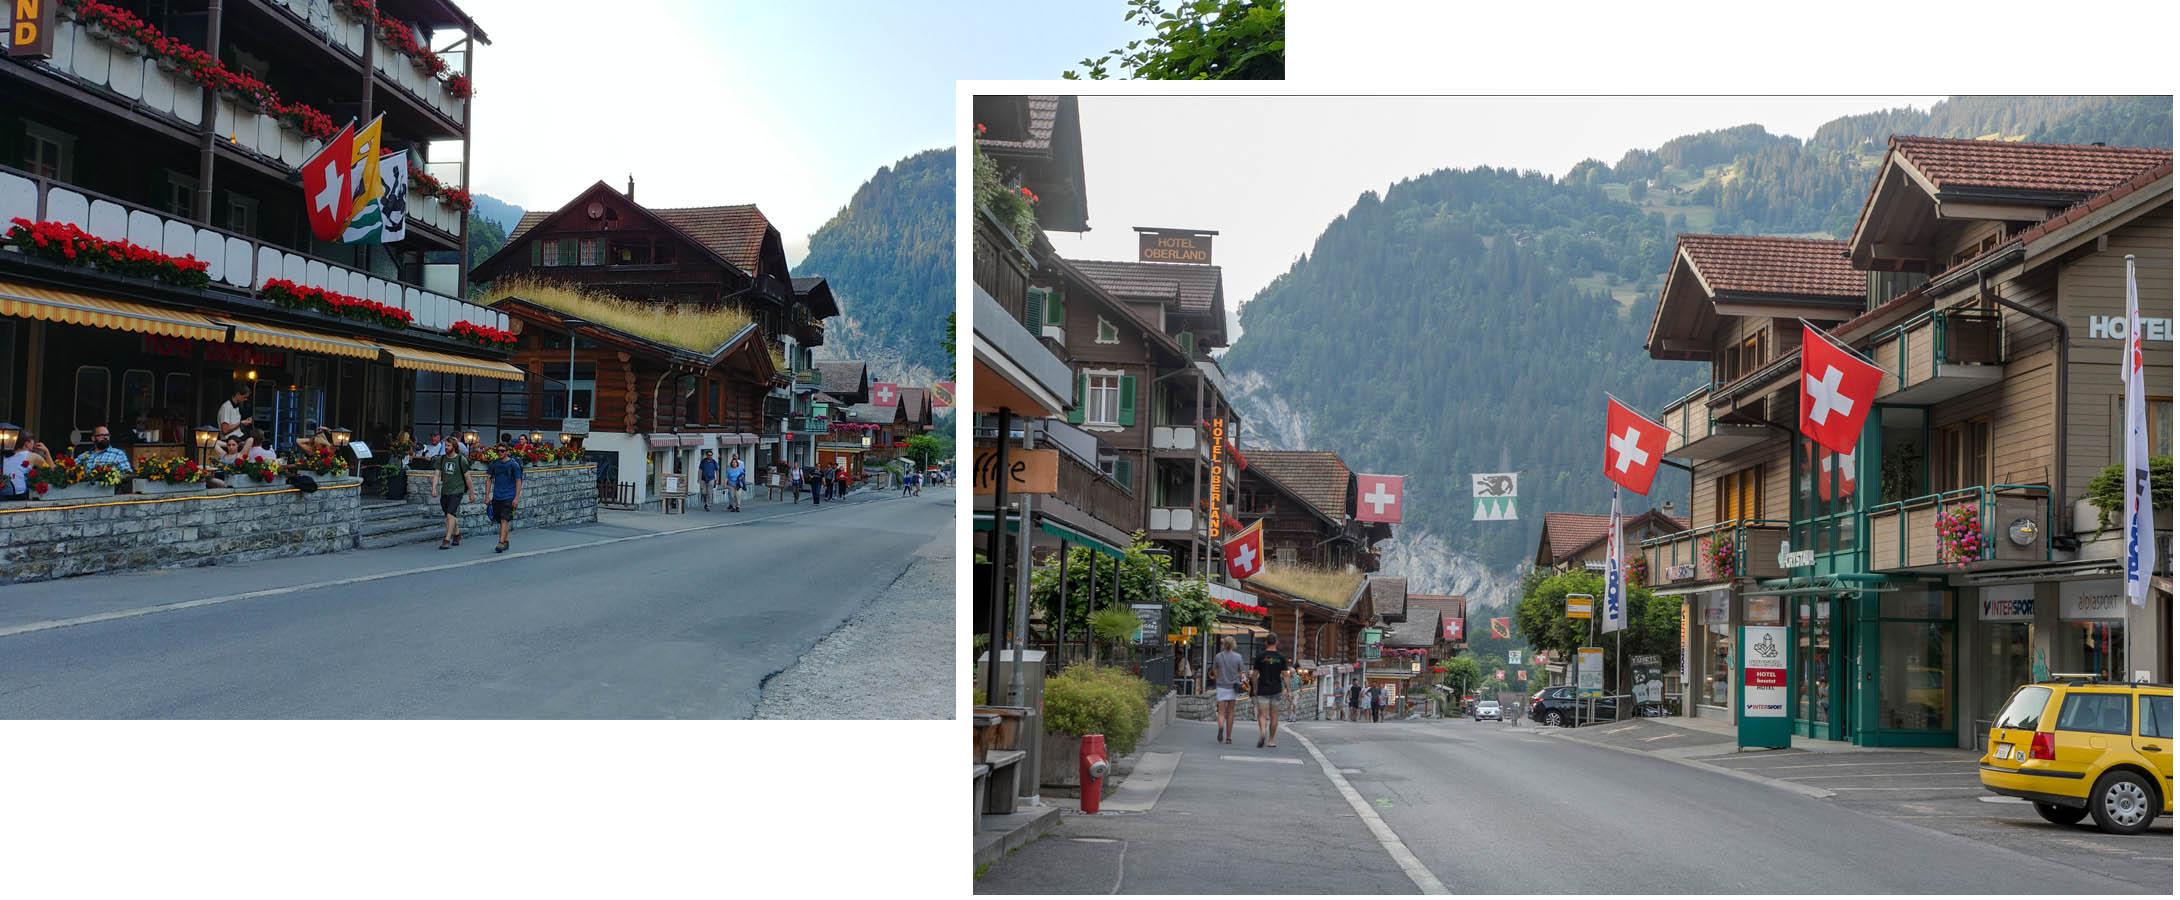 Lauterbrunnen street